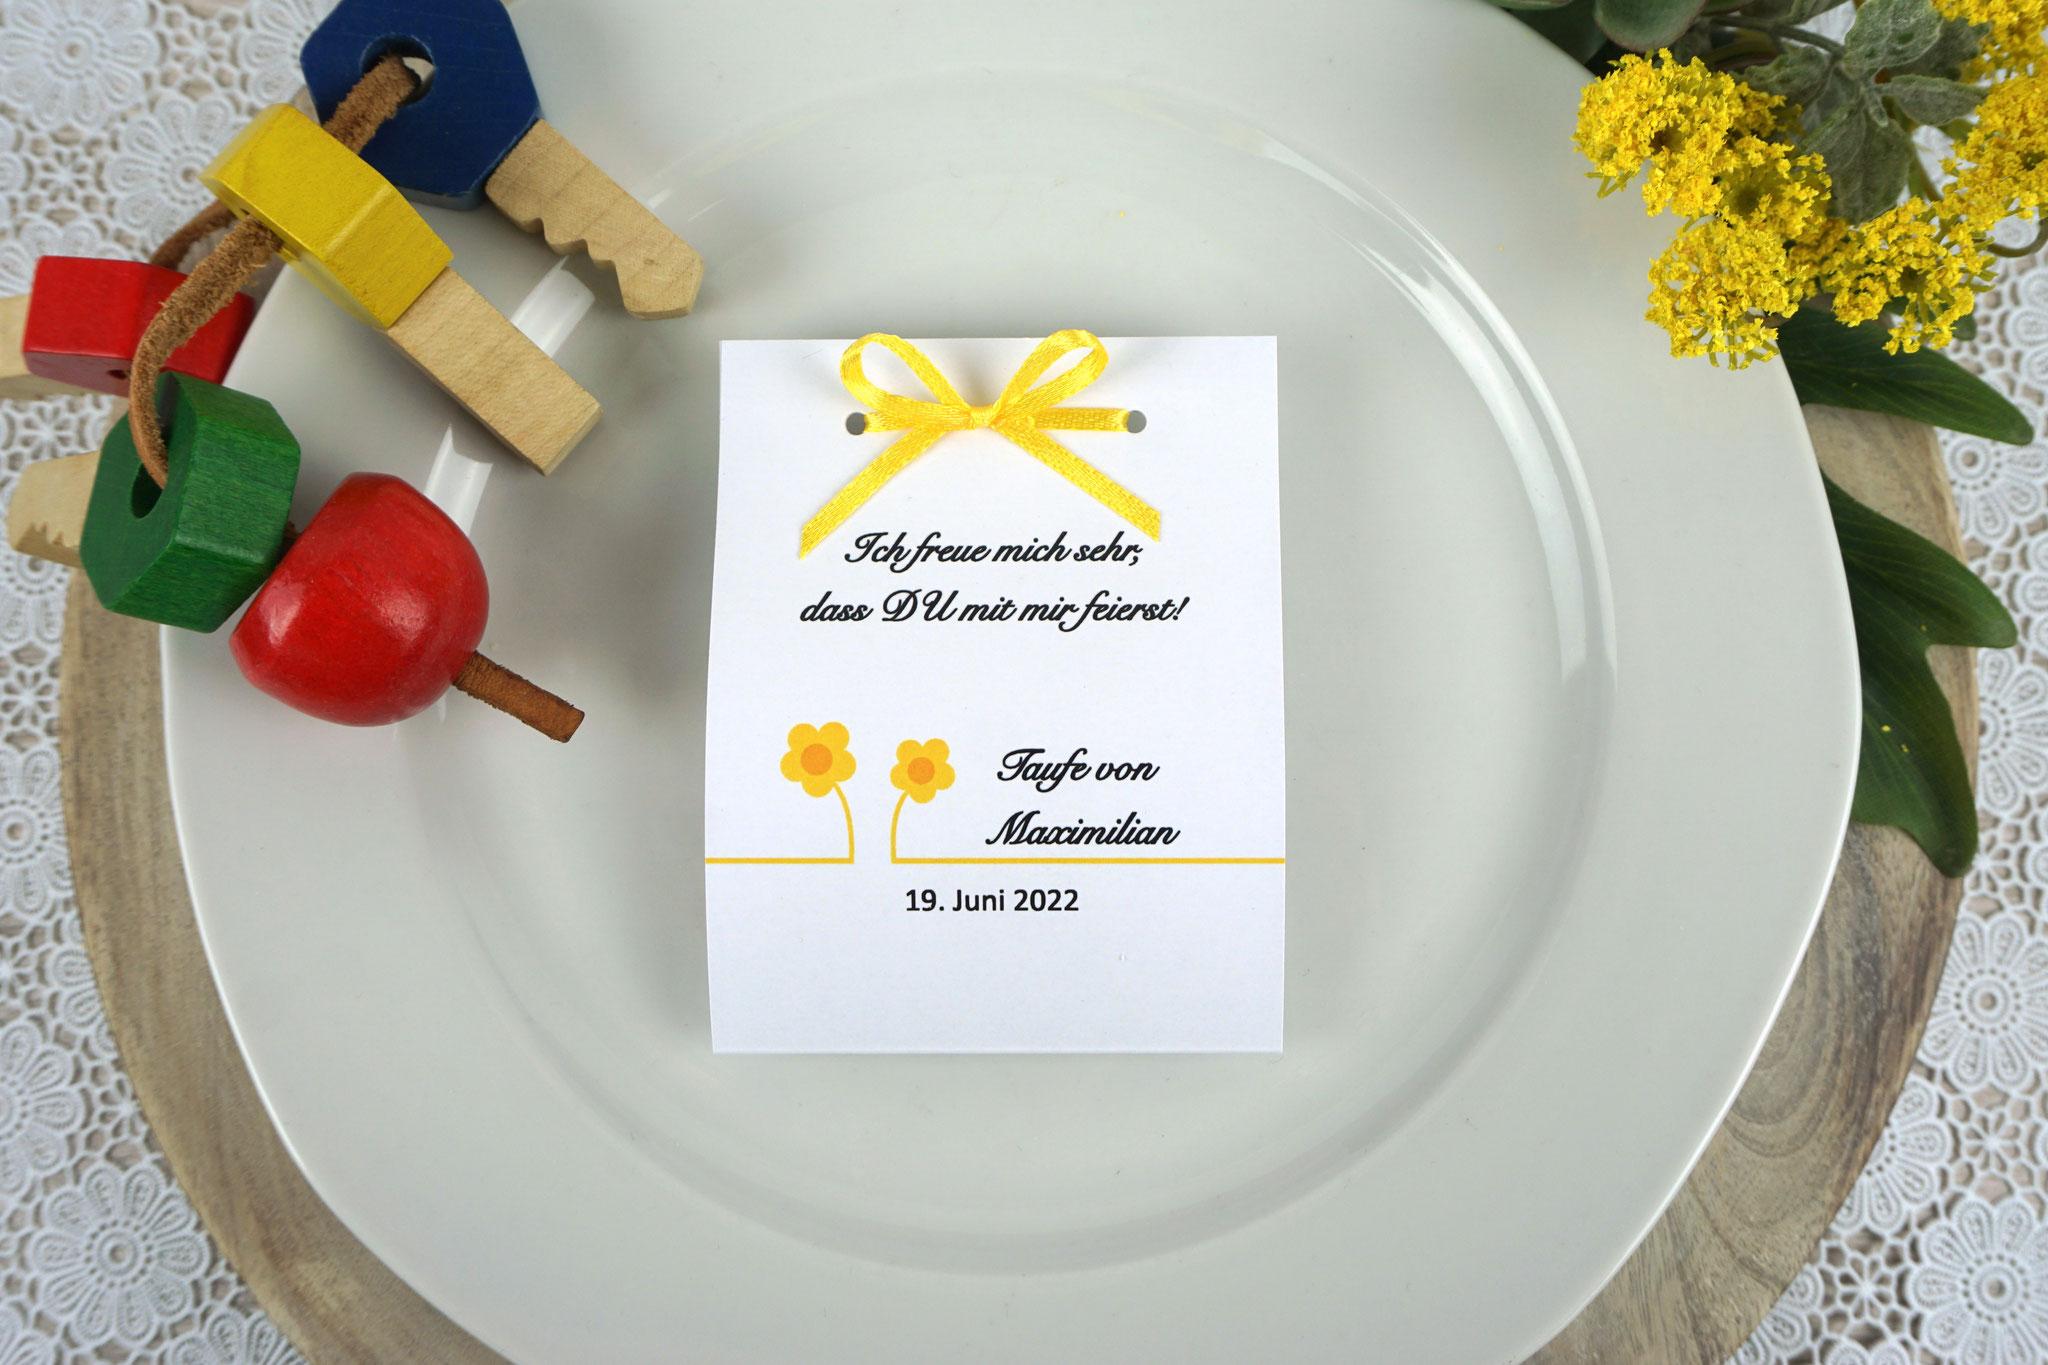 Fruchtgummi Design Blümchen Gelb - Schrift Snell Roundhand